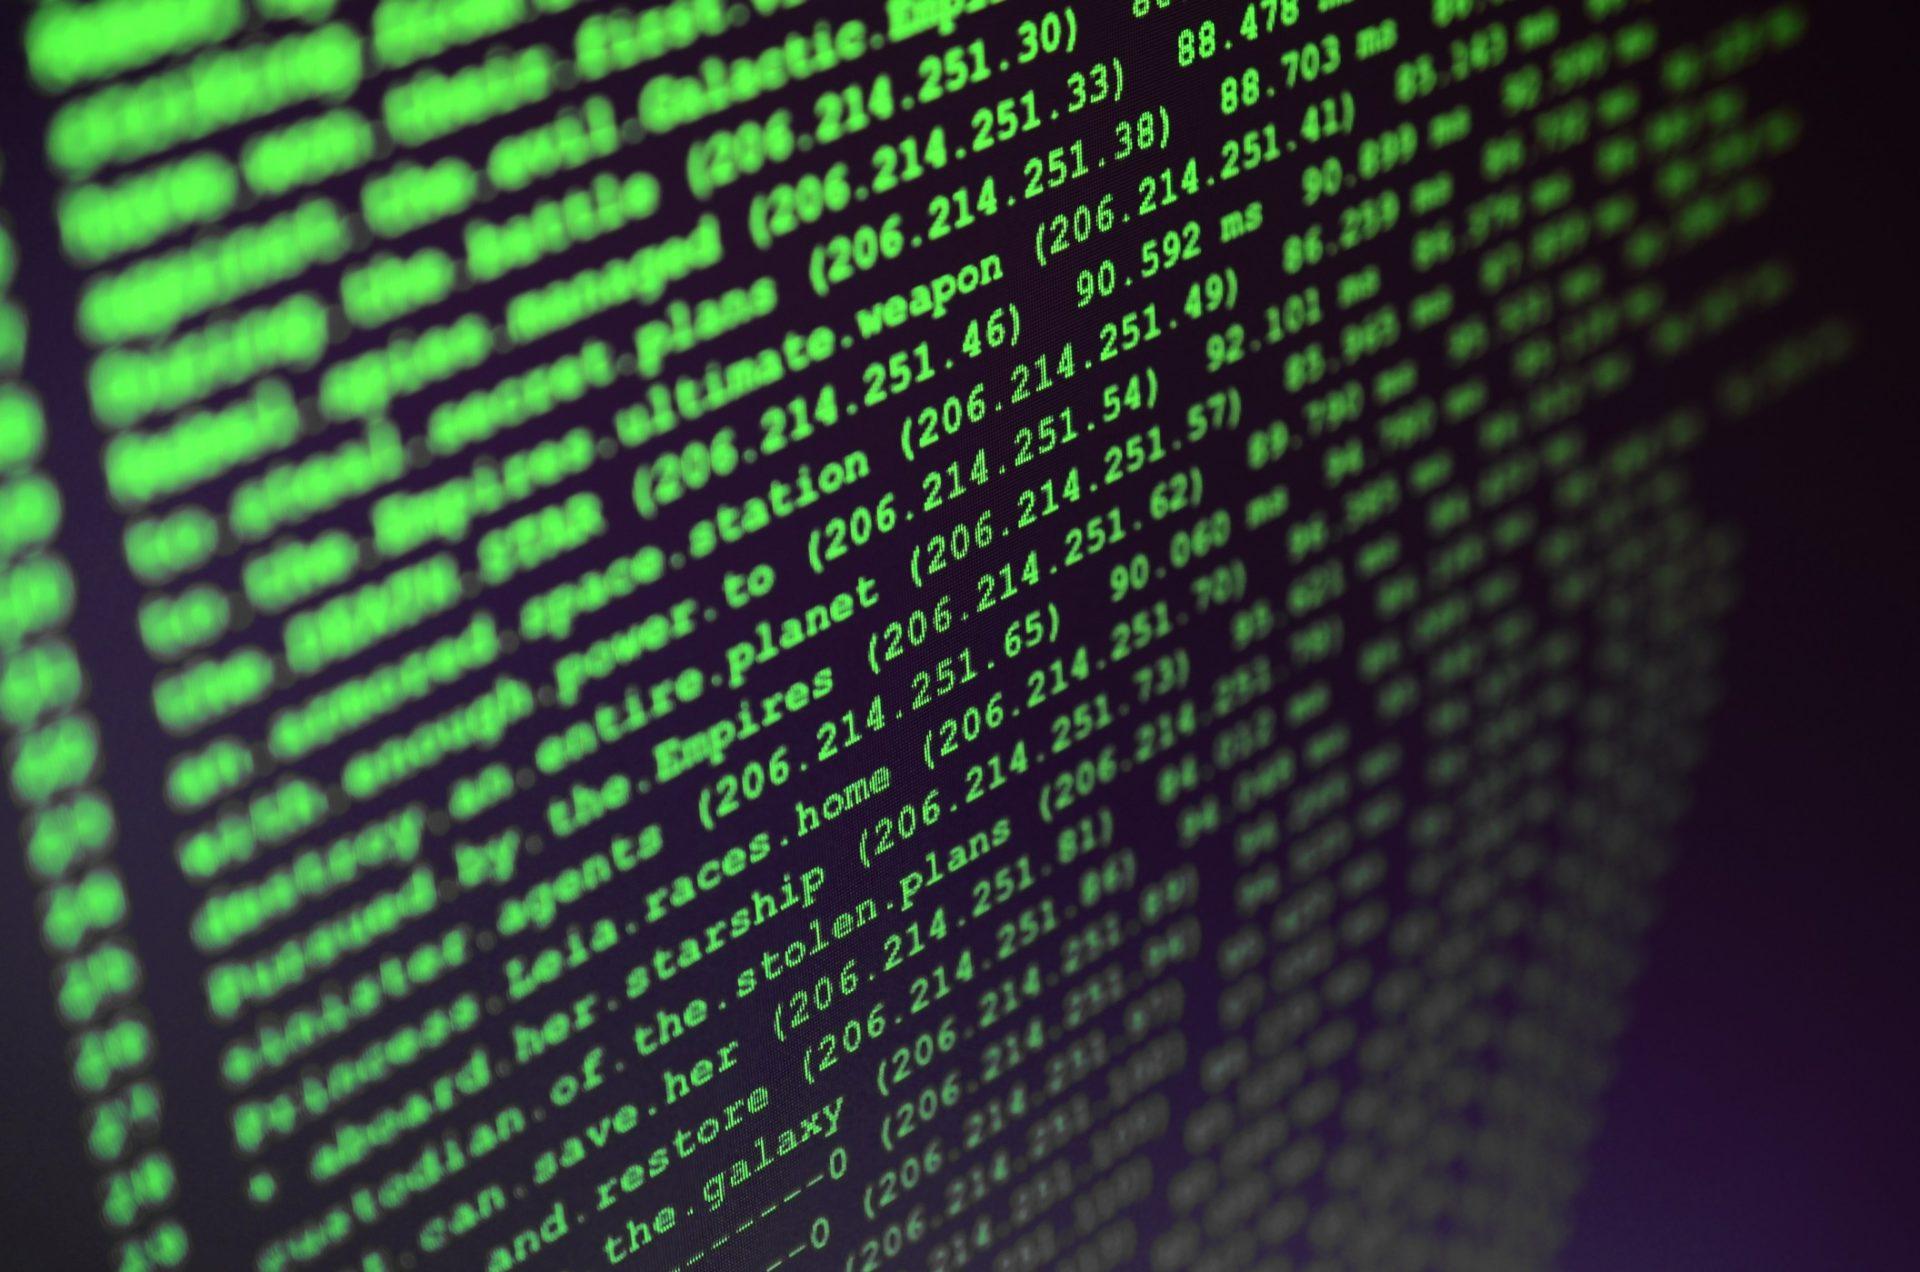 comandos ssh servidores web ordenes